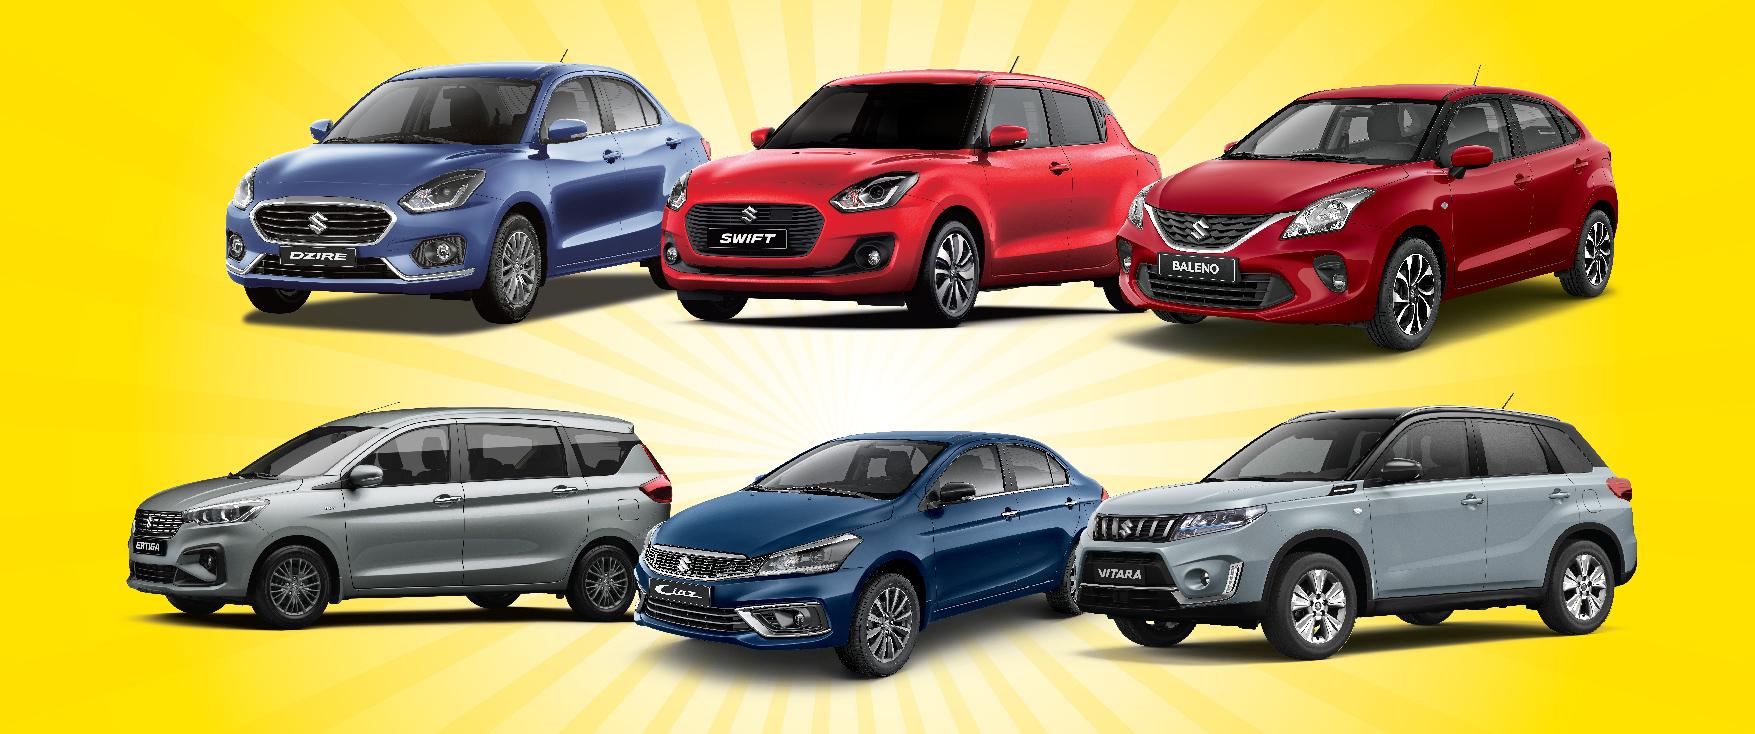 سيارات سوزوكي الجديدة ذات الفوائد القيمة هي الأفضل لبداية عام 2020 الجديد